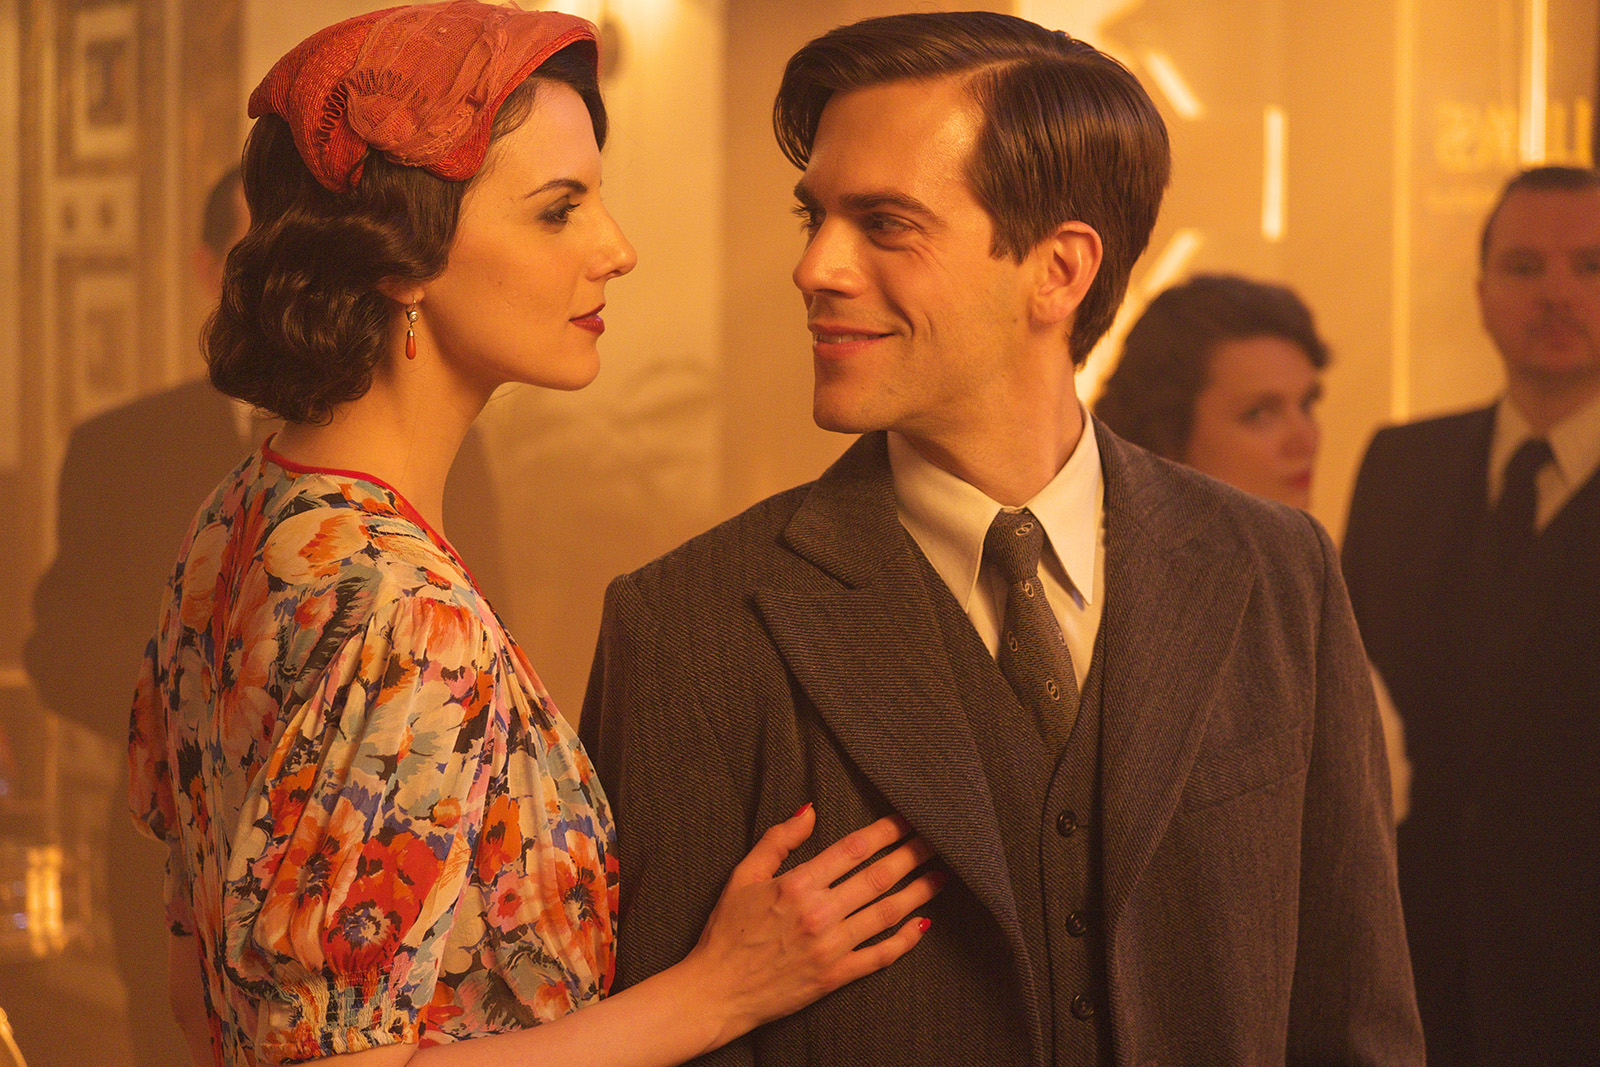 Budapesten készült filmmel nyit a Spanyol Filmhét